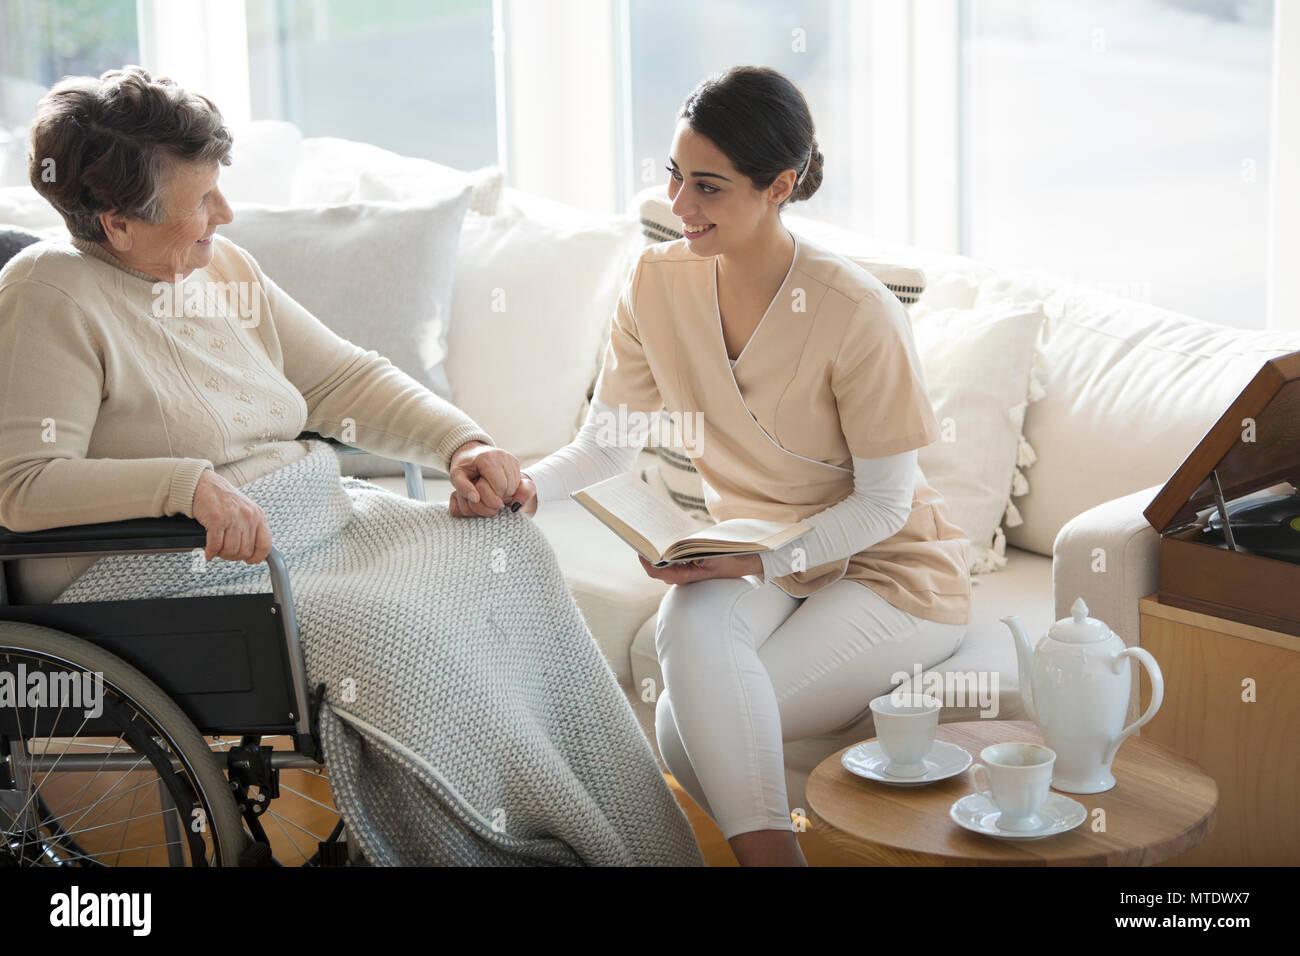 Eine alte Frau im Rollstuhl die Hand eines Angebots Professional Medical Assistant während der Tea Time in einem Wohnzimmer von Luxus in den Ruhestand Stockbild